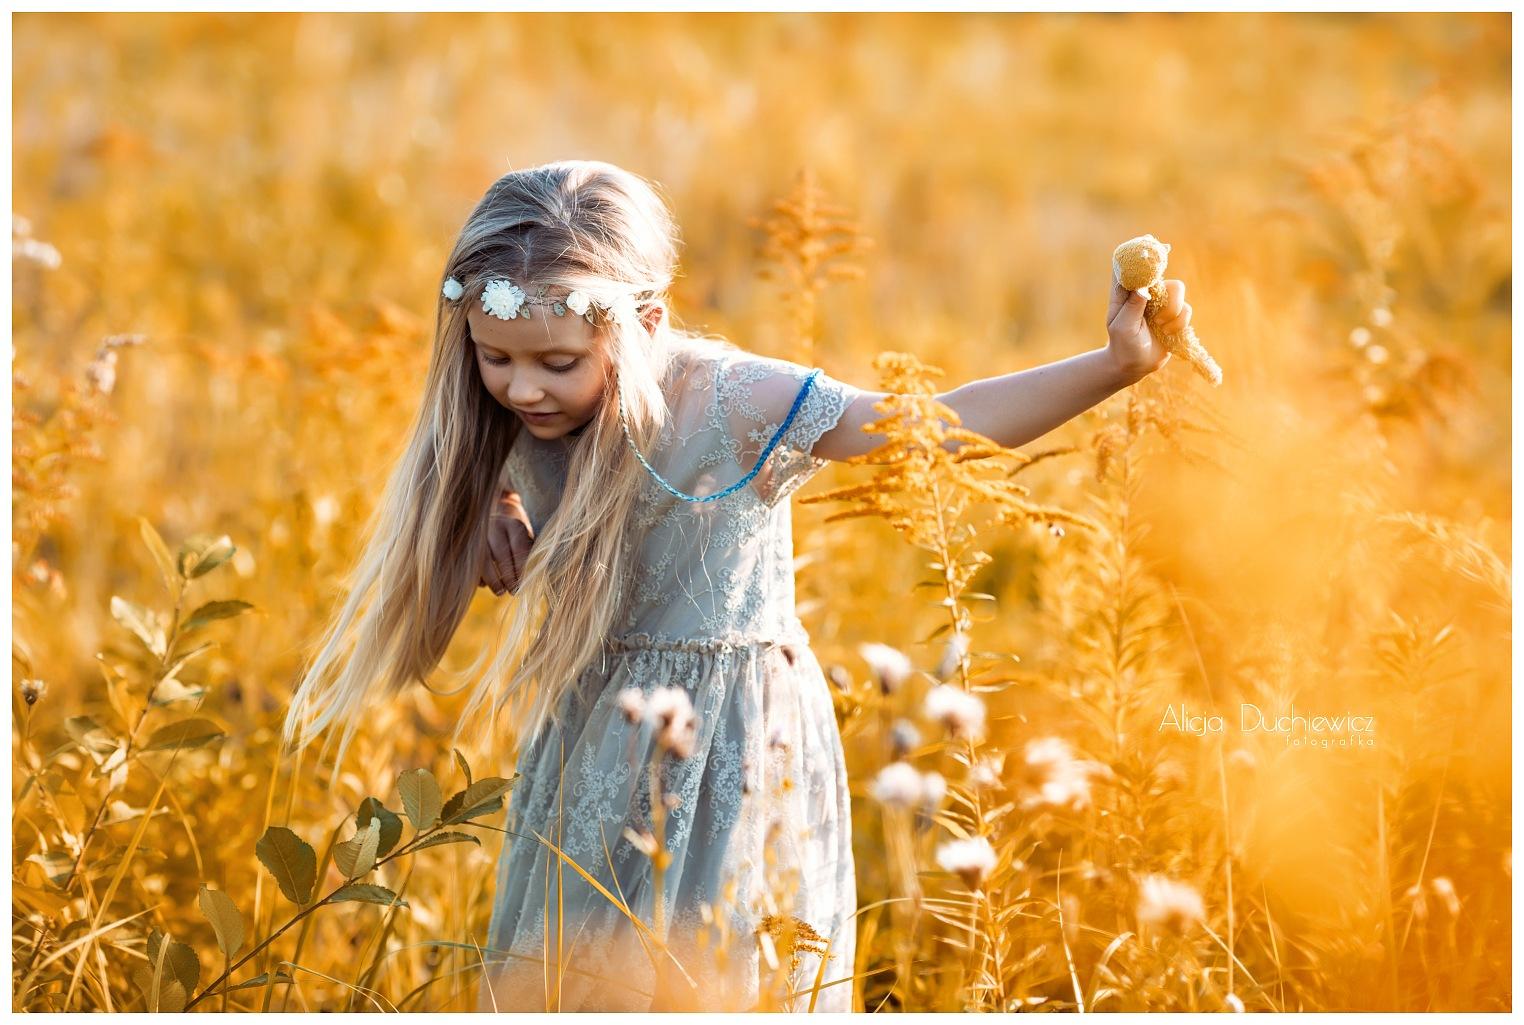 Summer, come back! by Alicja Duchiewicz-Potocka